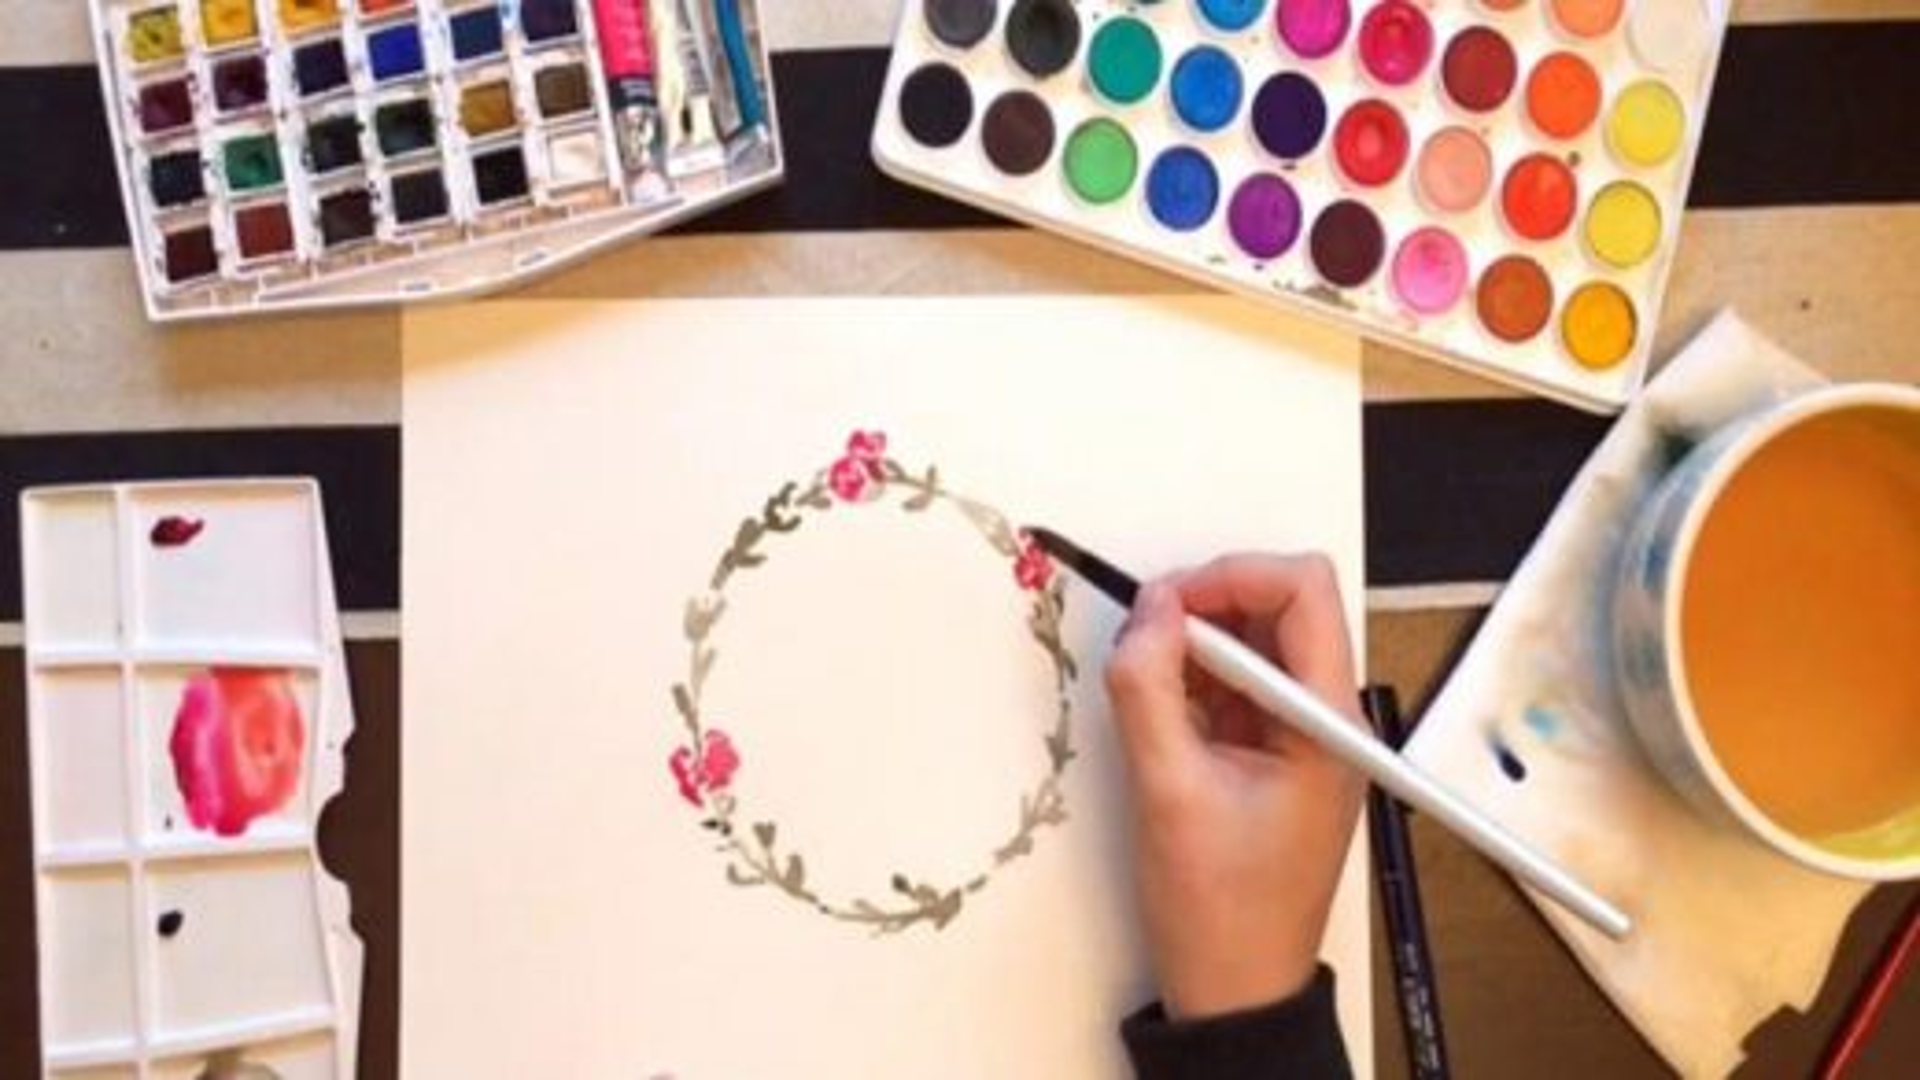 تکنیک نقاشی با آبرنگ؛ آموزش کشیدن حلقه گل | فیلم